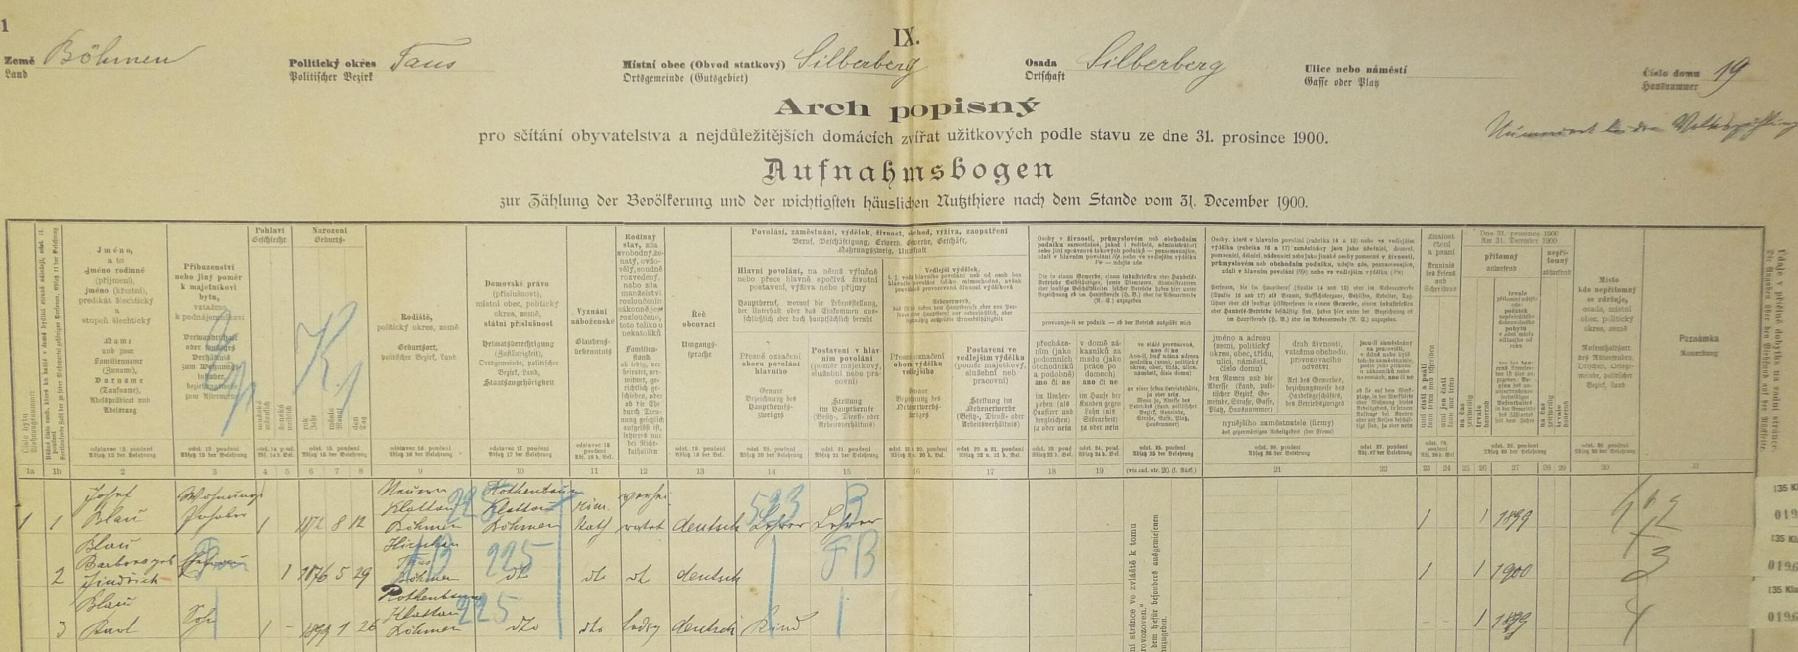 Arch popisný ze sčítání lidu (census) 1900 zaznamenává v Orlovicích (Silberberg) jeho zdejší pobyt i se ženou Barborou (*29.5.1876) a synem Karlem (*26.1.1899)